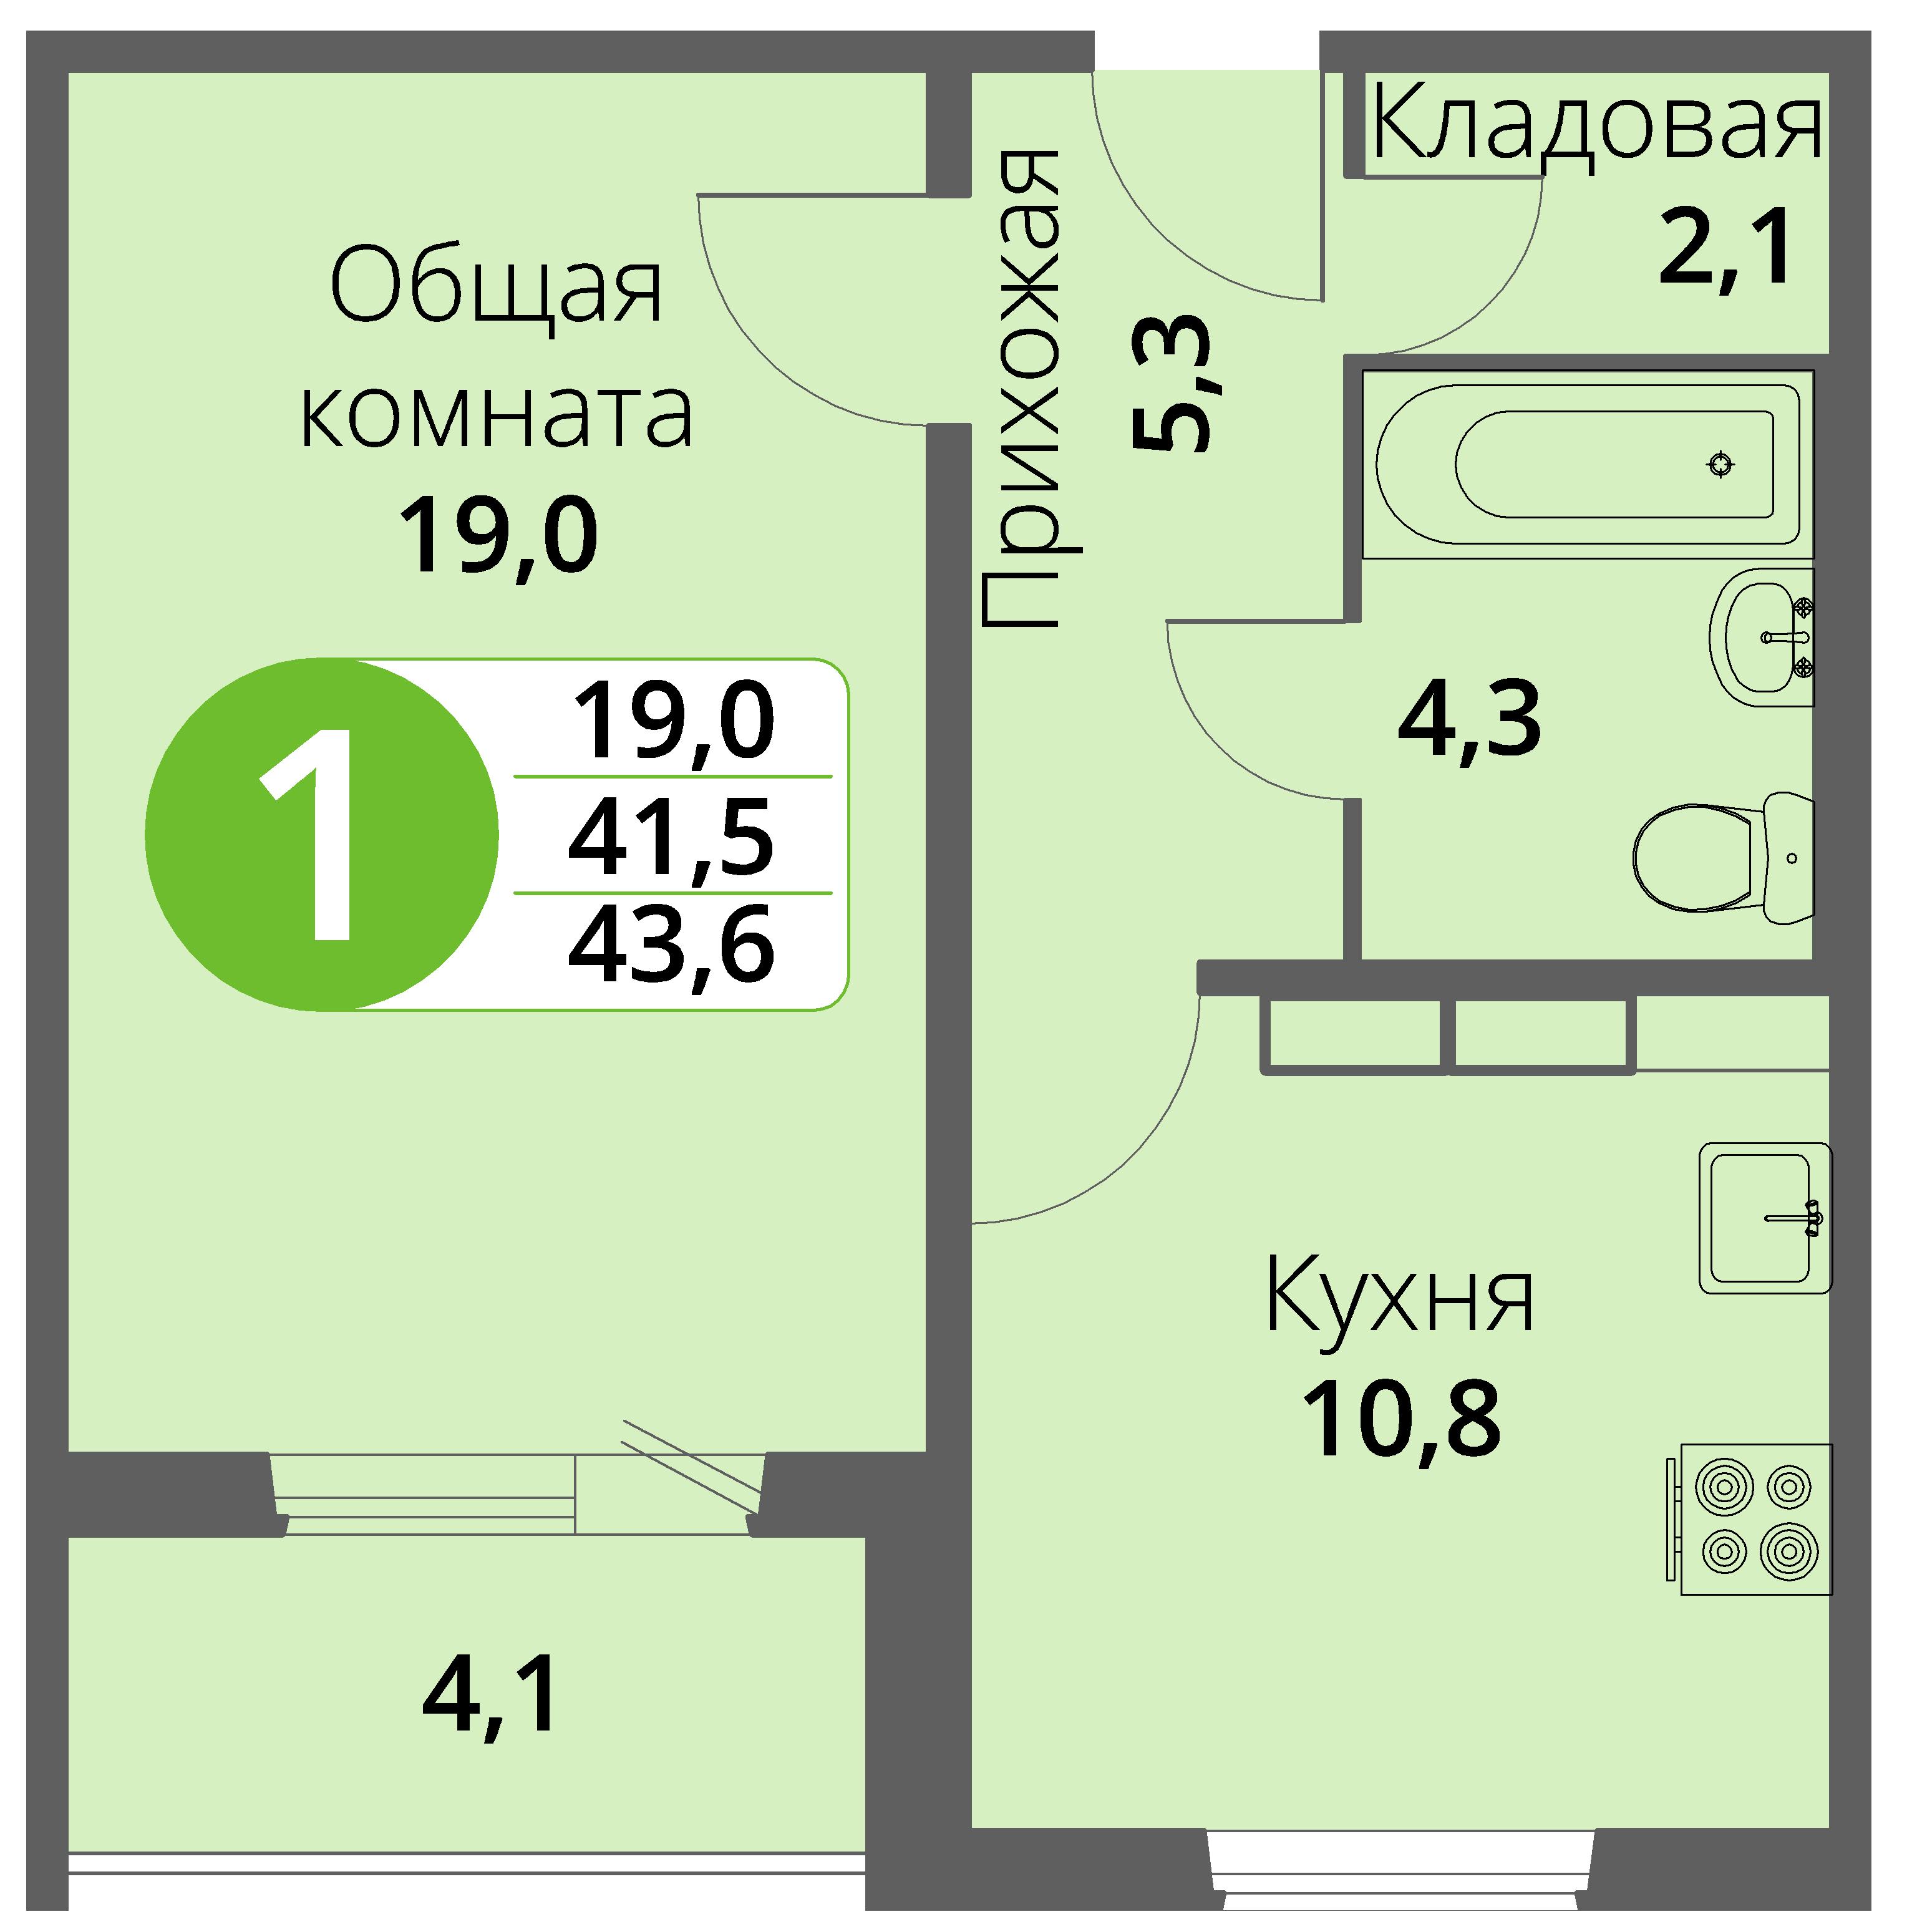 Зареченская 1-2, квартира 34 - Однокомнатная